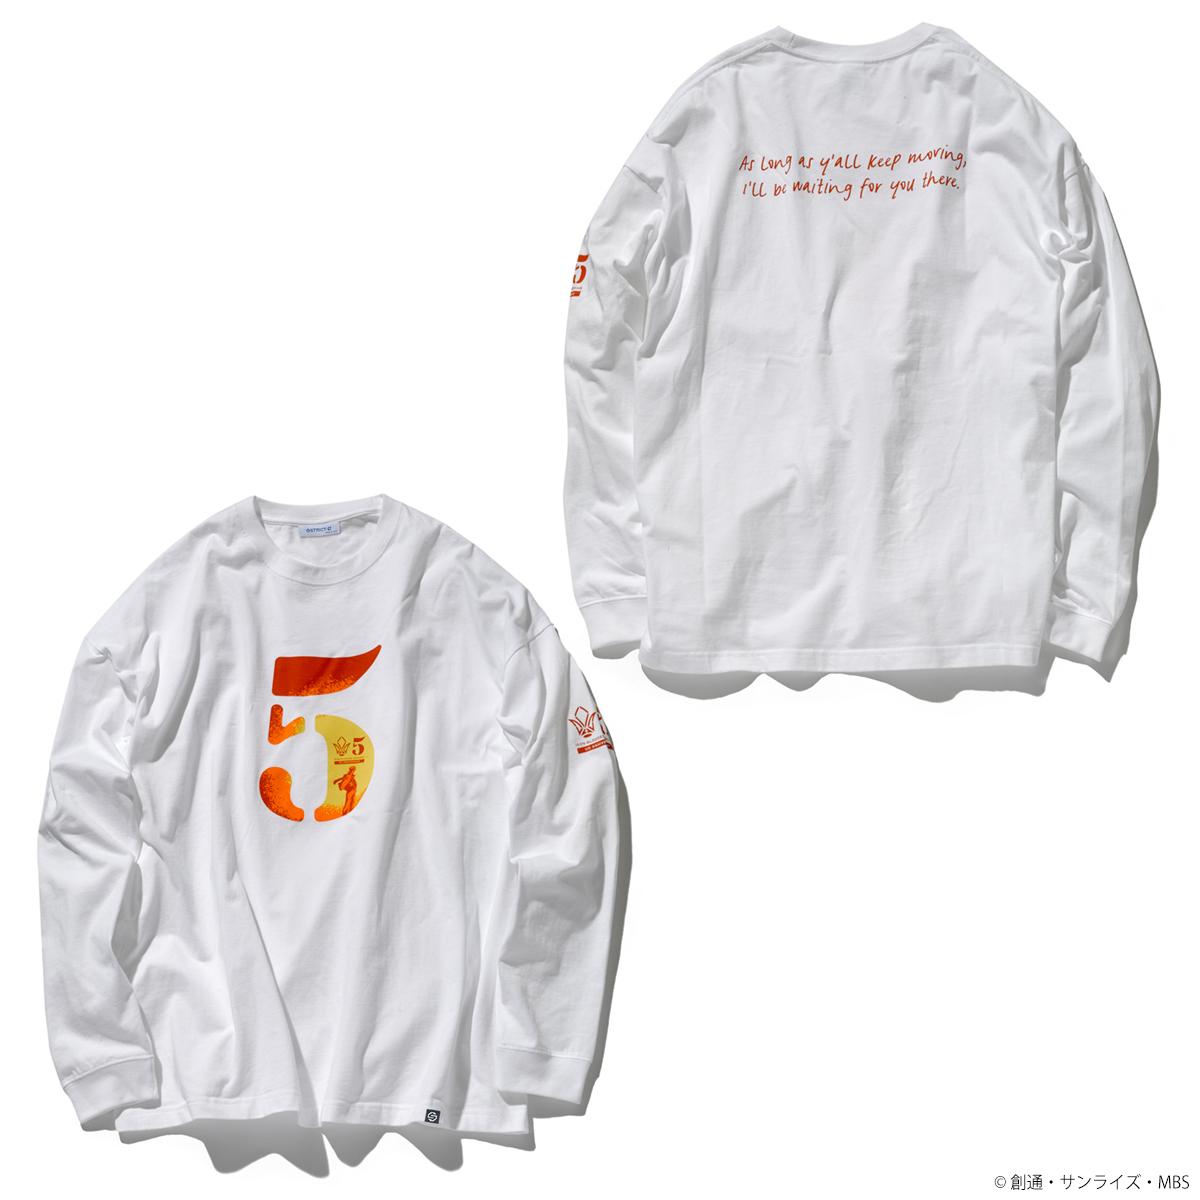 STRICT-G『機動戦士ガンダム 鉄血のオルフェンズ』 ビッグ長袖Tシャツ 5周年記念